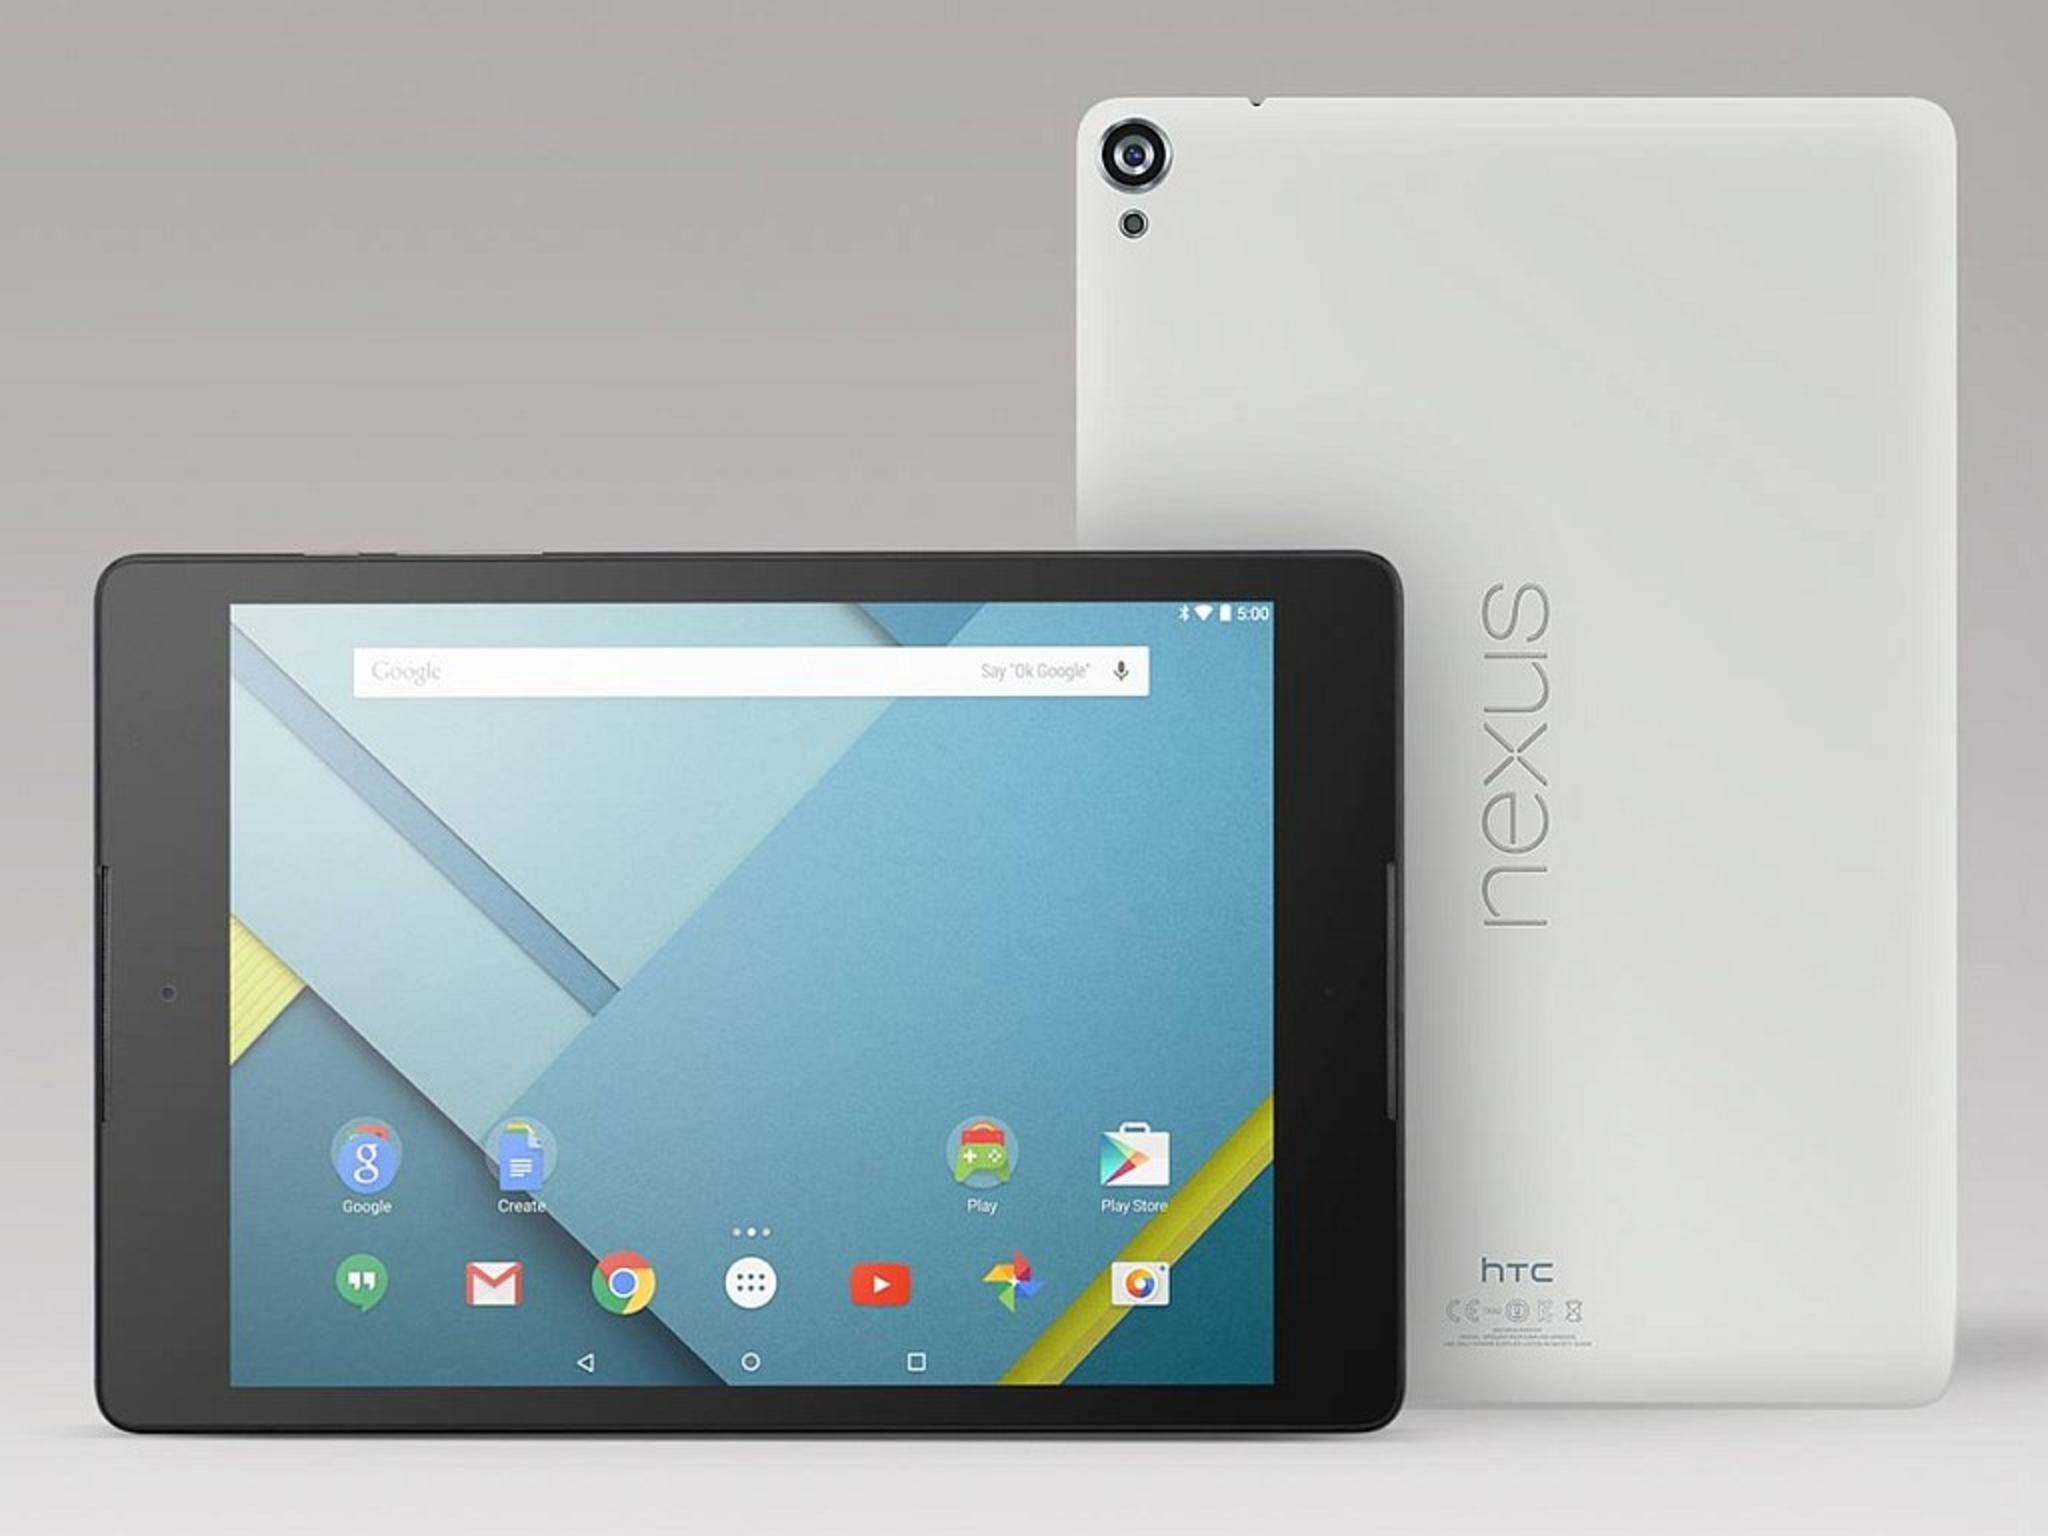 Legt HTC nach dem Google-Tablet ein eigenes Modell nach?